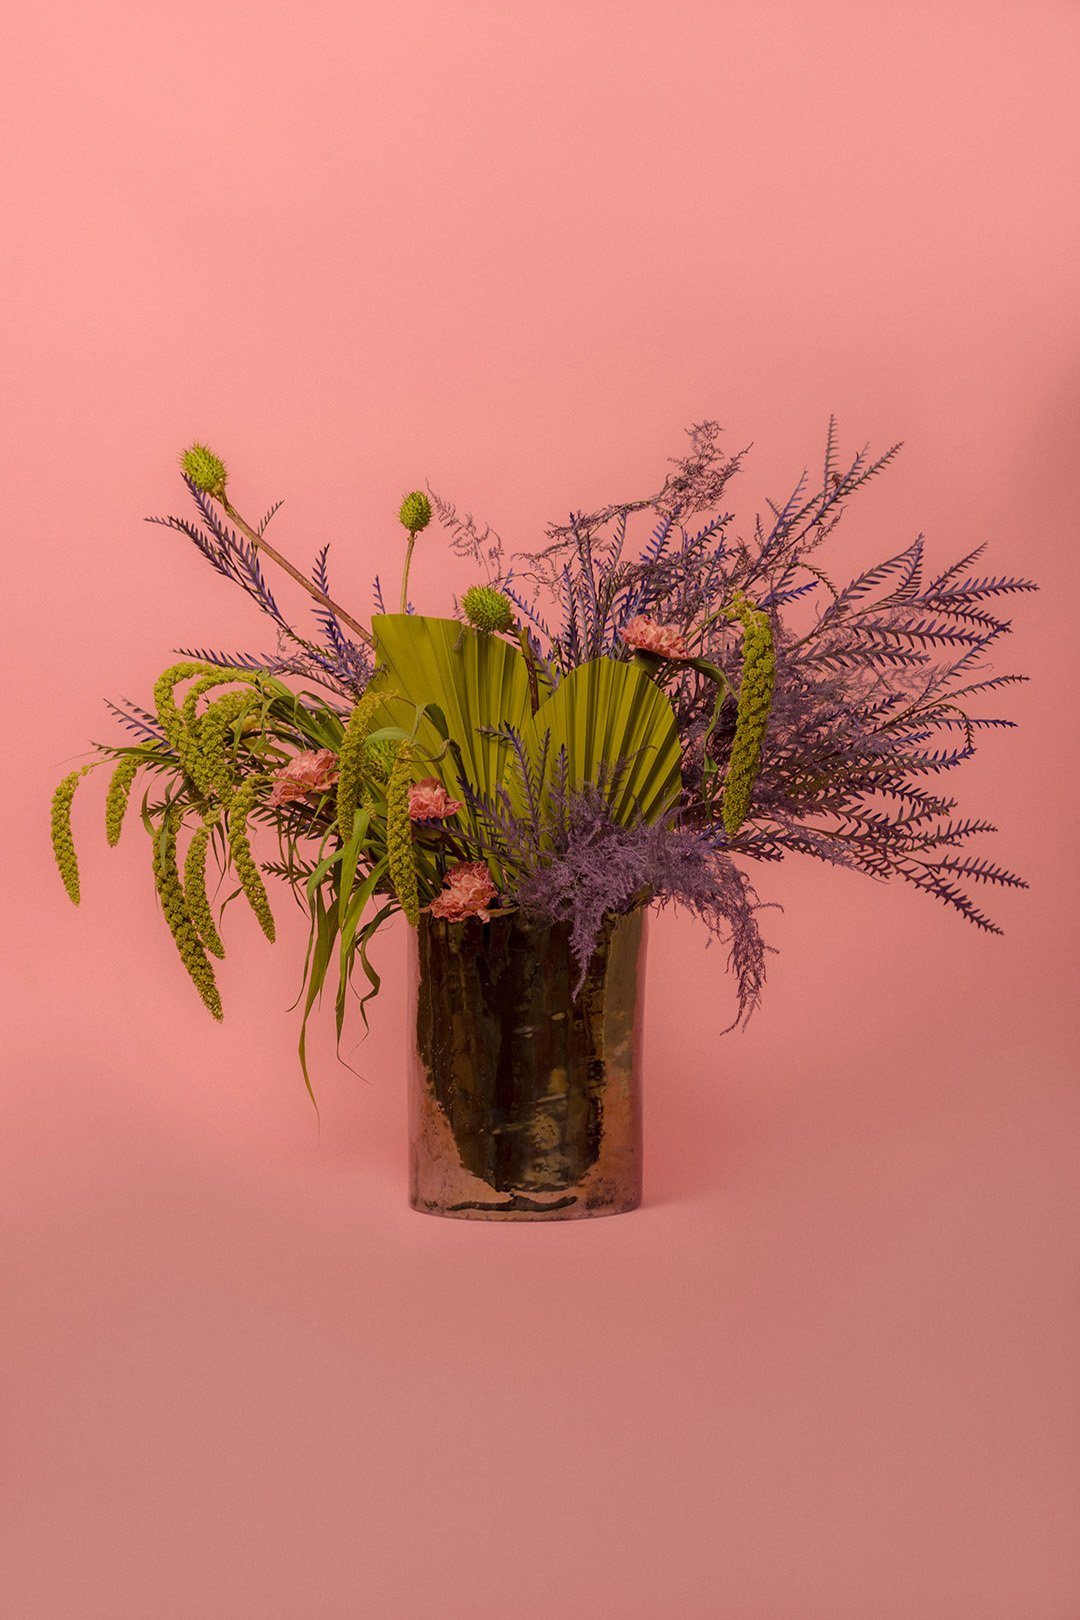 nathaleepaolinelli-vase-project-florist-01